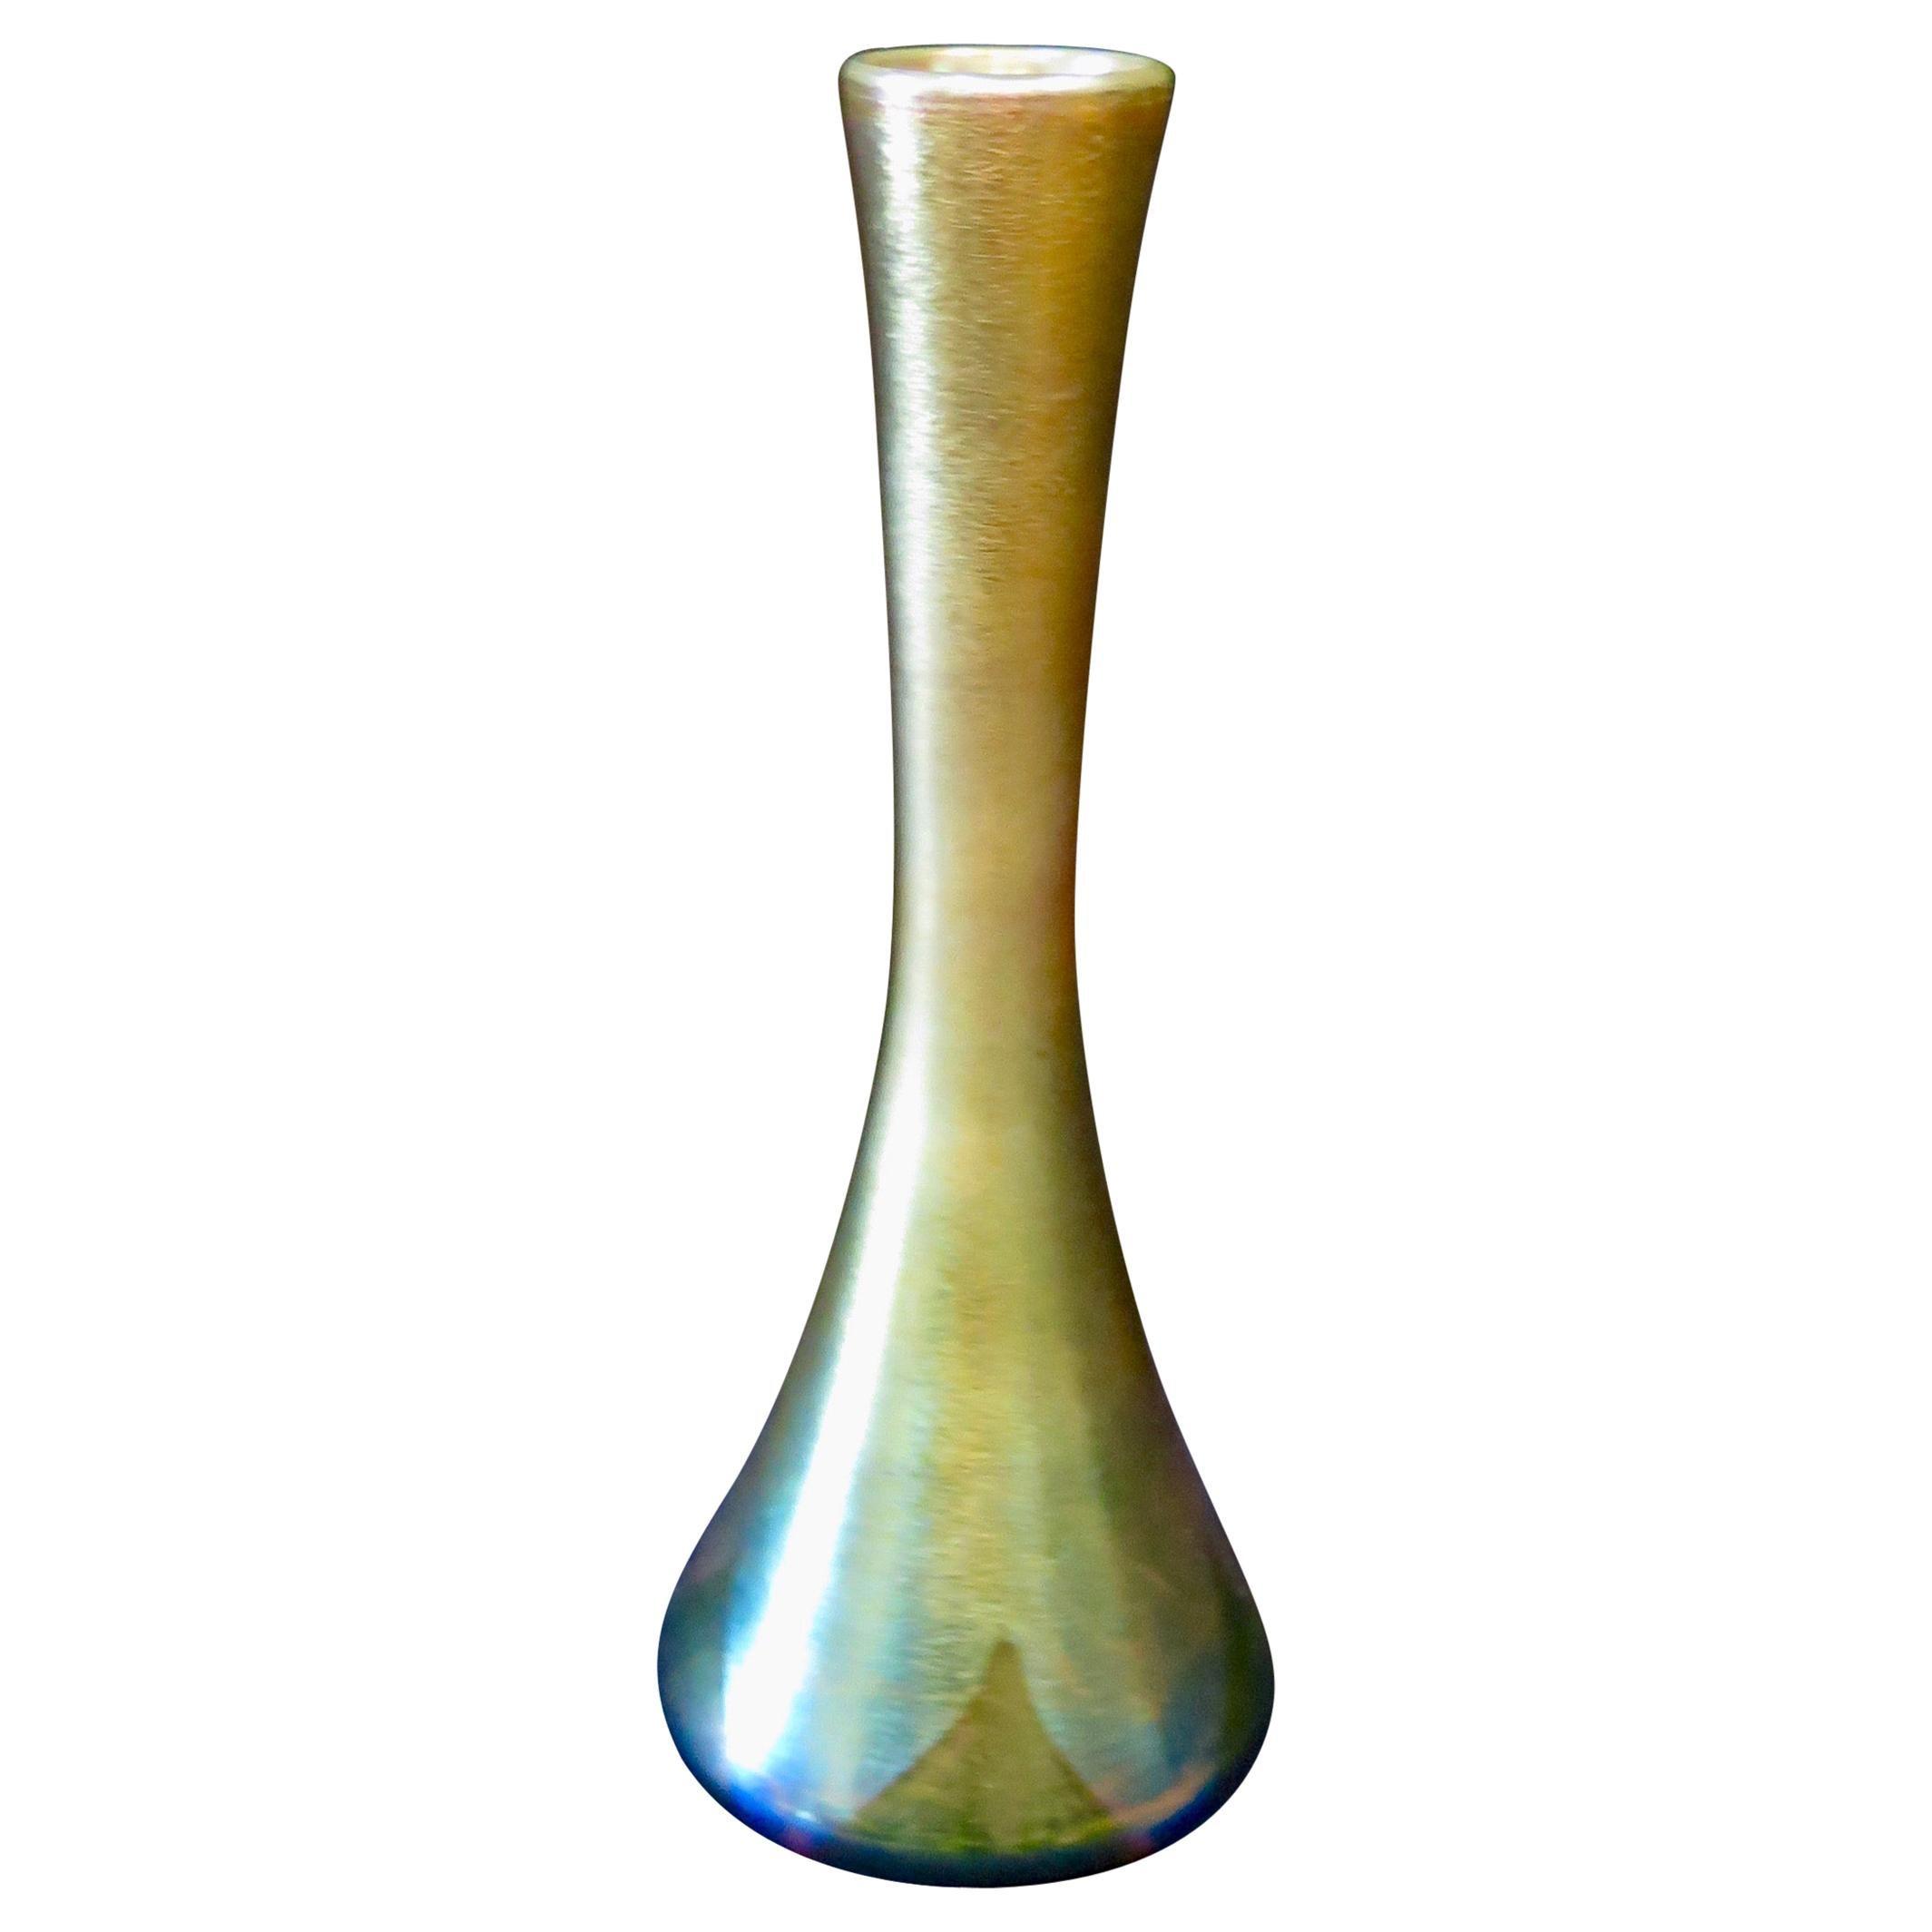 Tiffany Studios Bud Vase